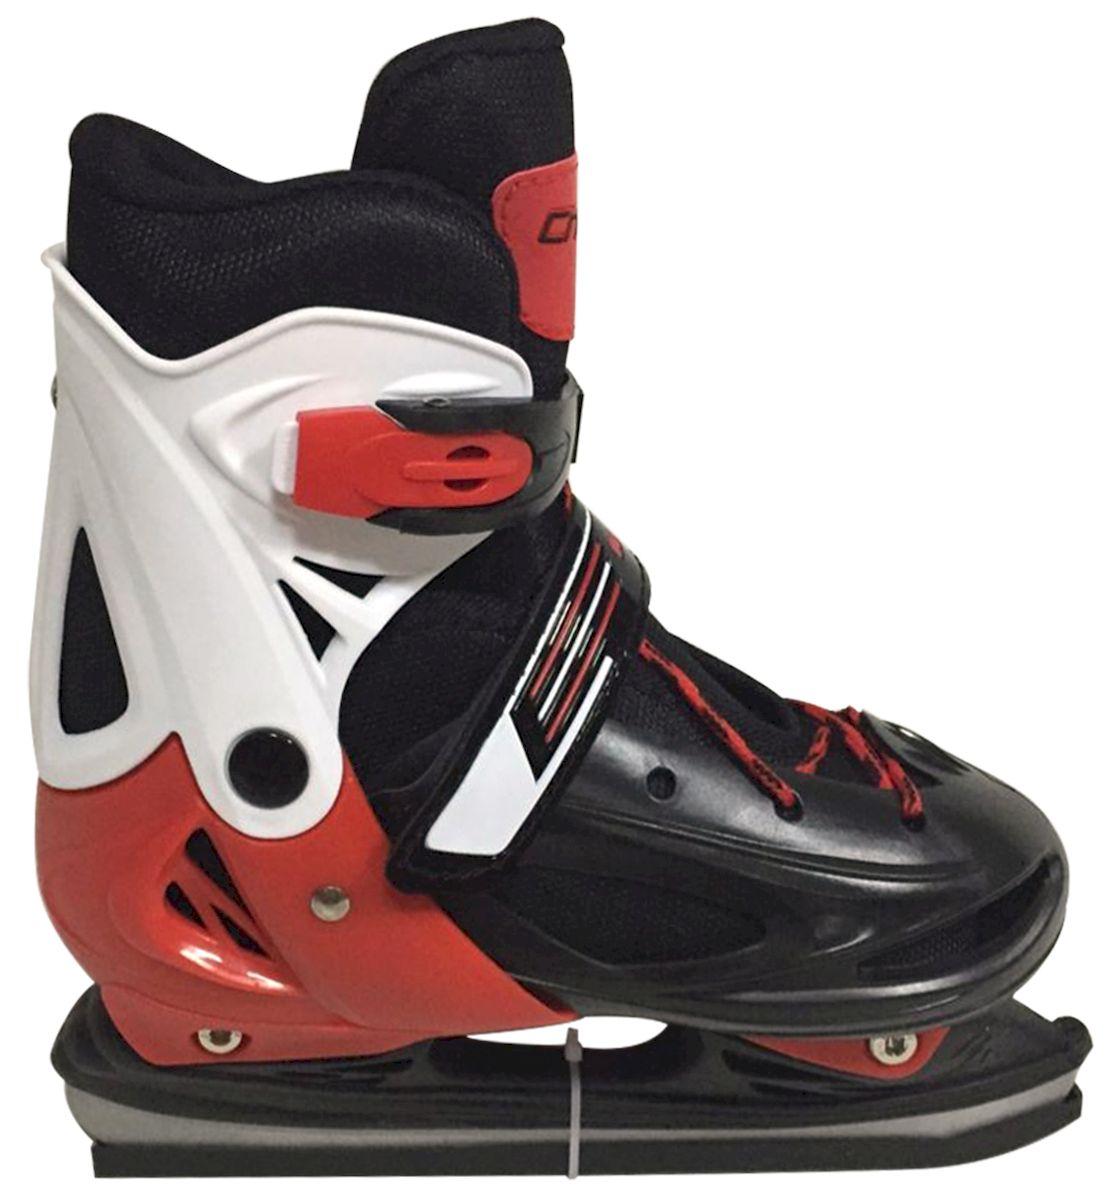 Коньки ледовые Ice Blade Charlie, раздвижные, цвет: черный, красный, белый. УТ-00009120. Размер L (38/41)